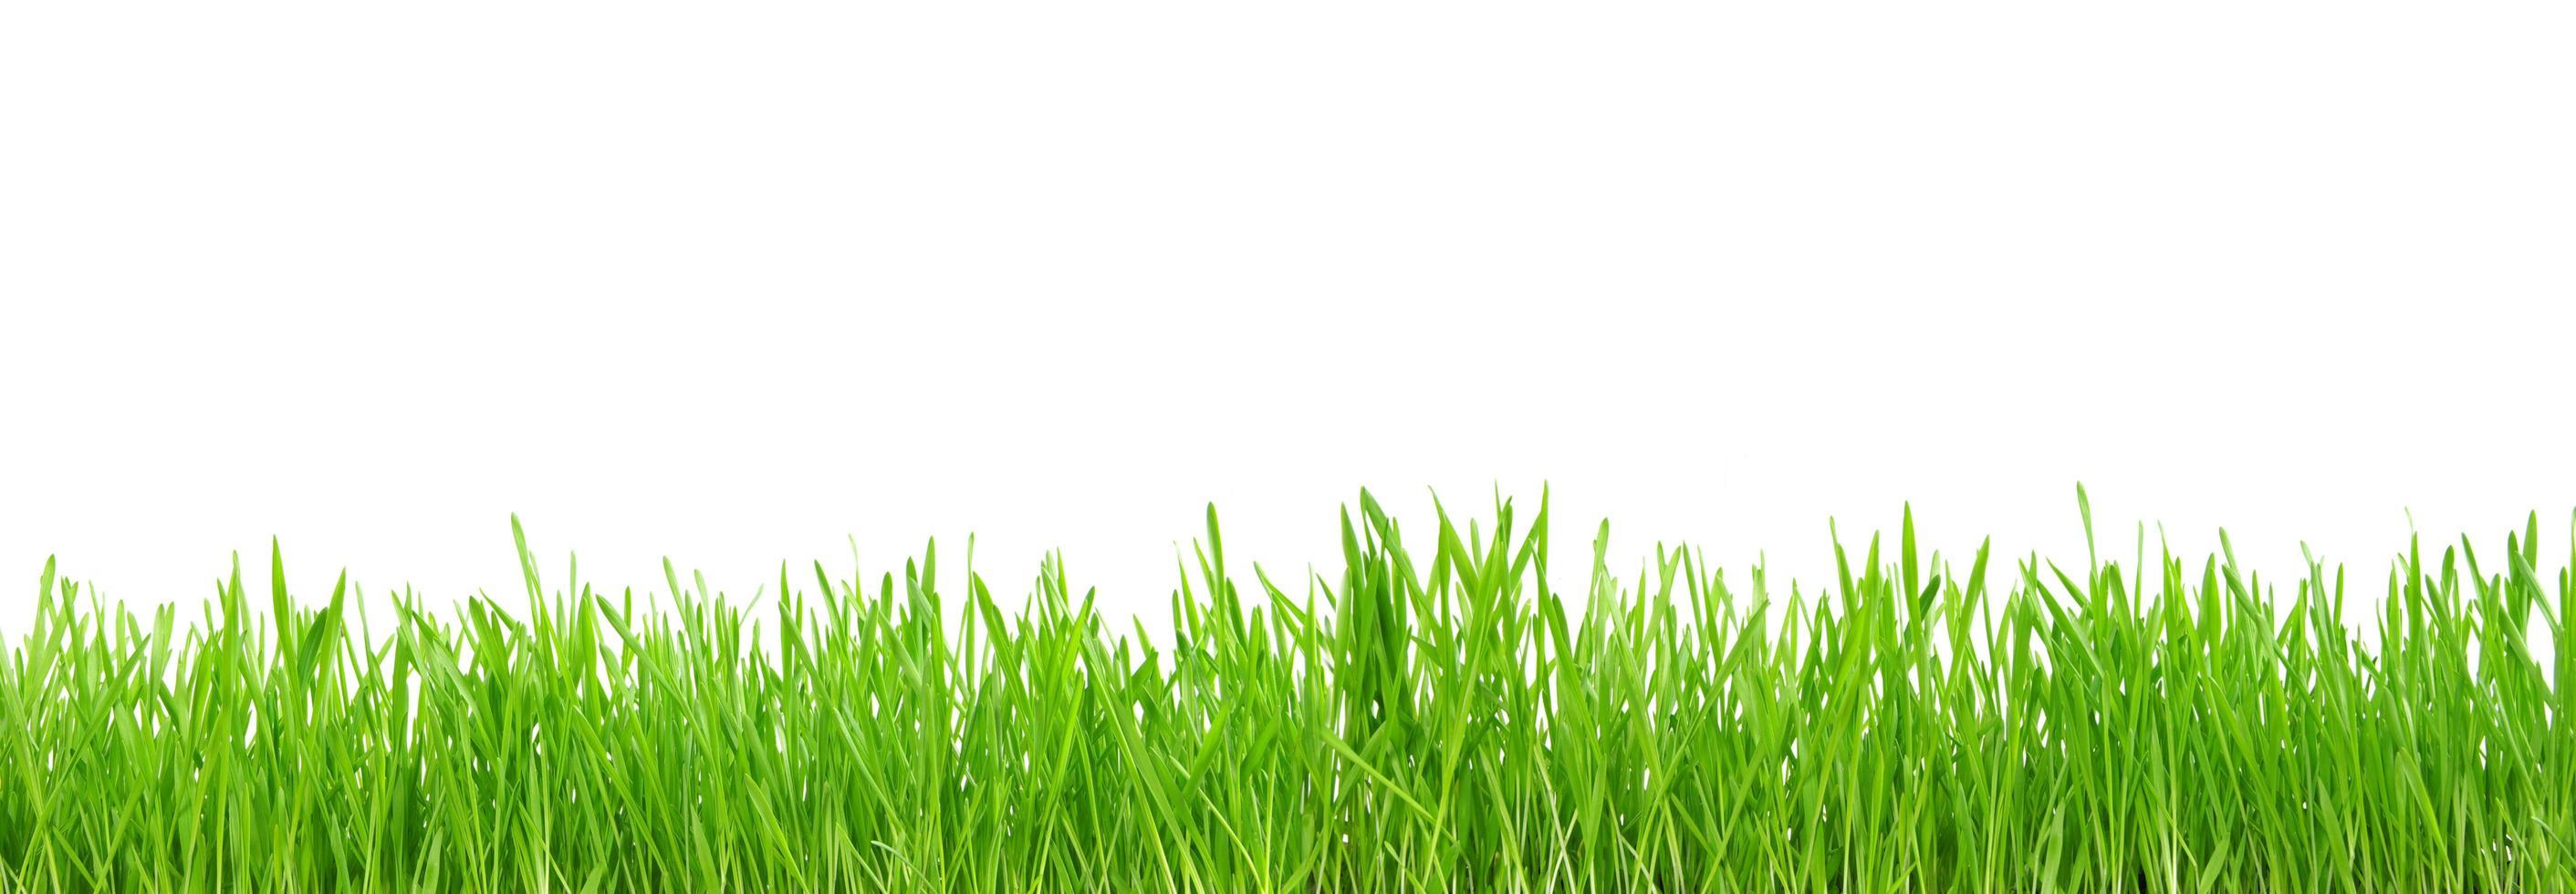 erba verde isolato su sfondo bianco foto